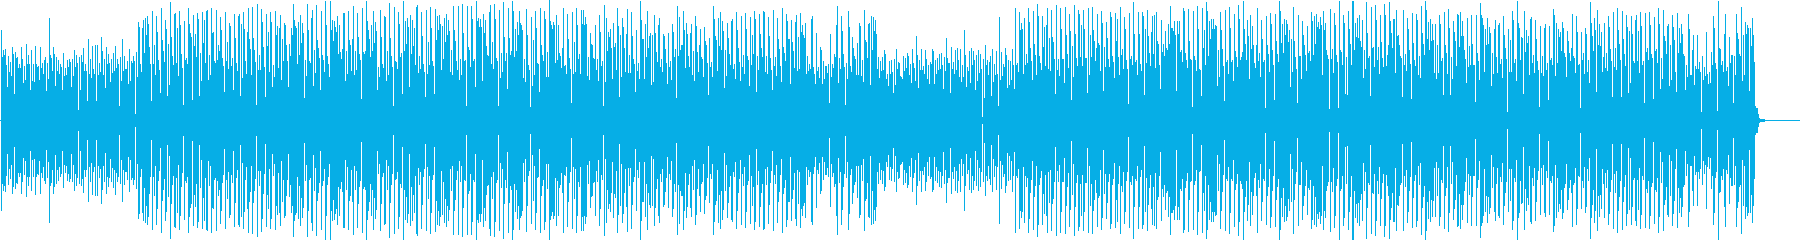 【報道BGM】ニュースヘッドライン用の再生済みの波形